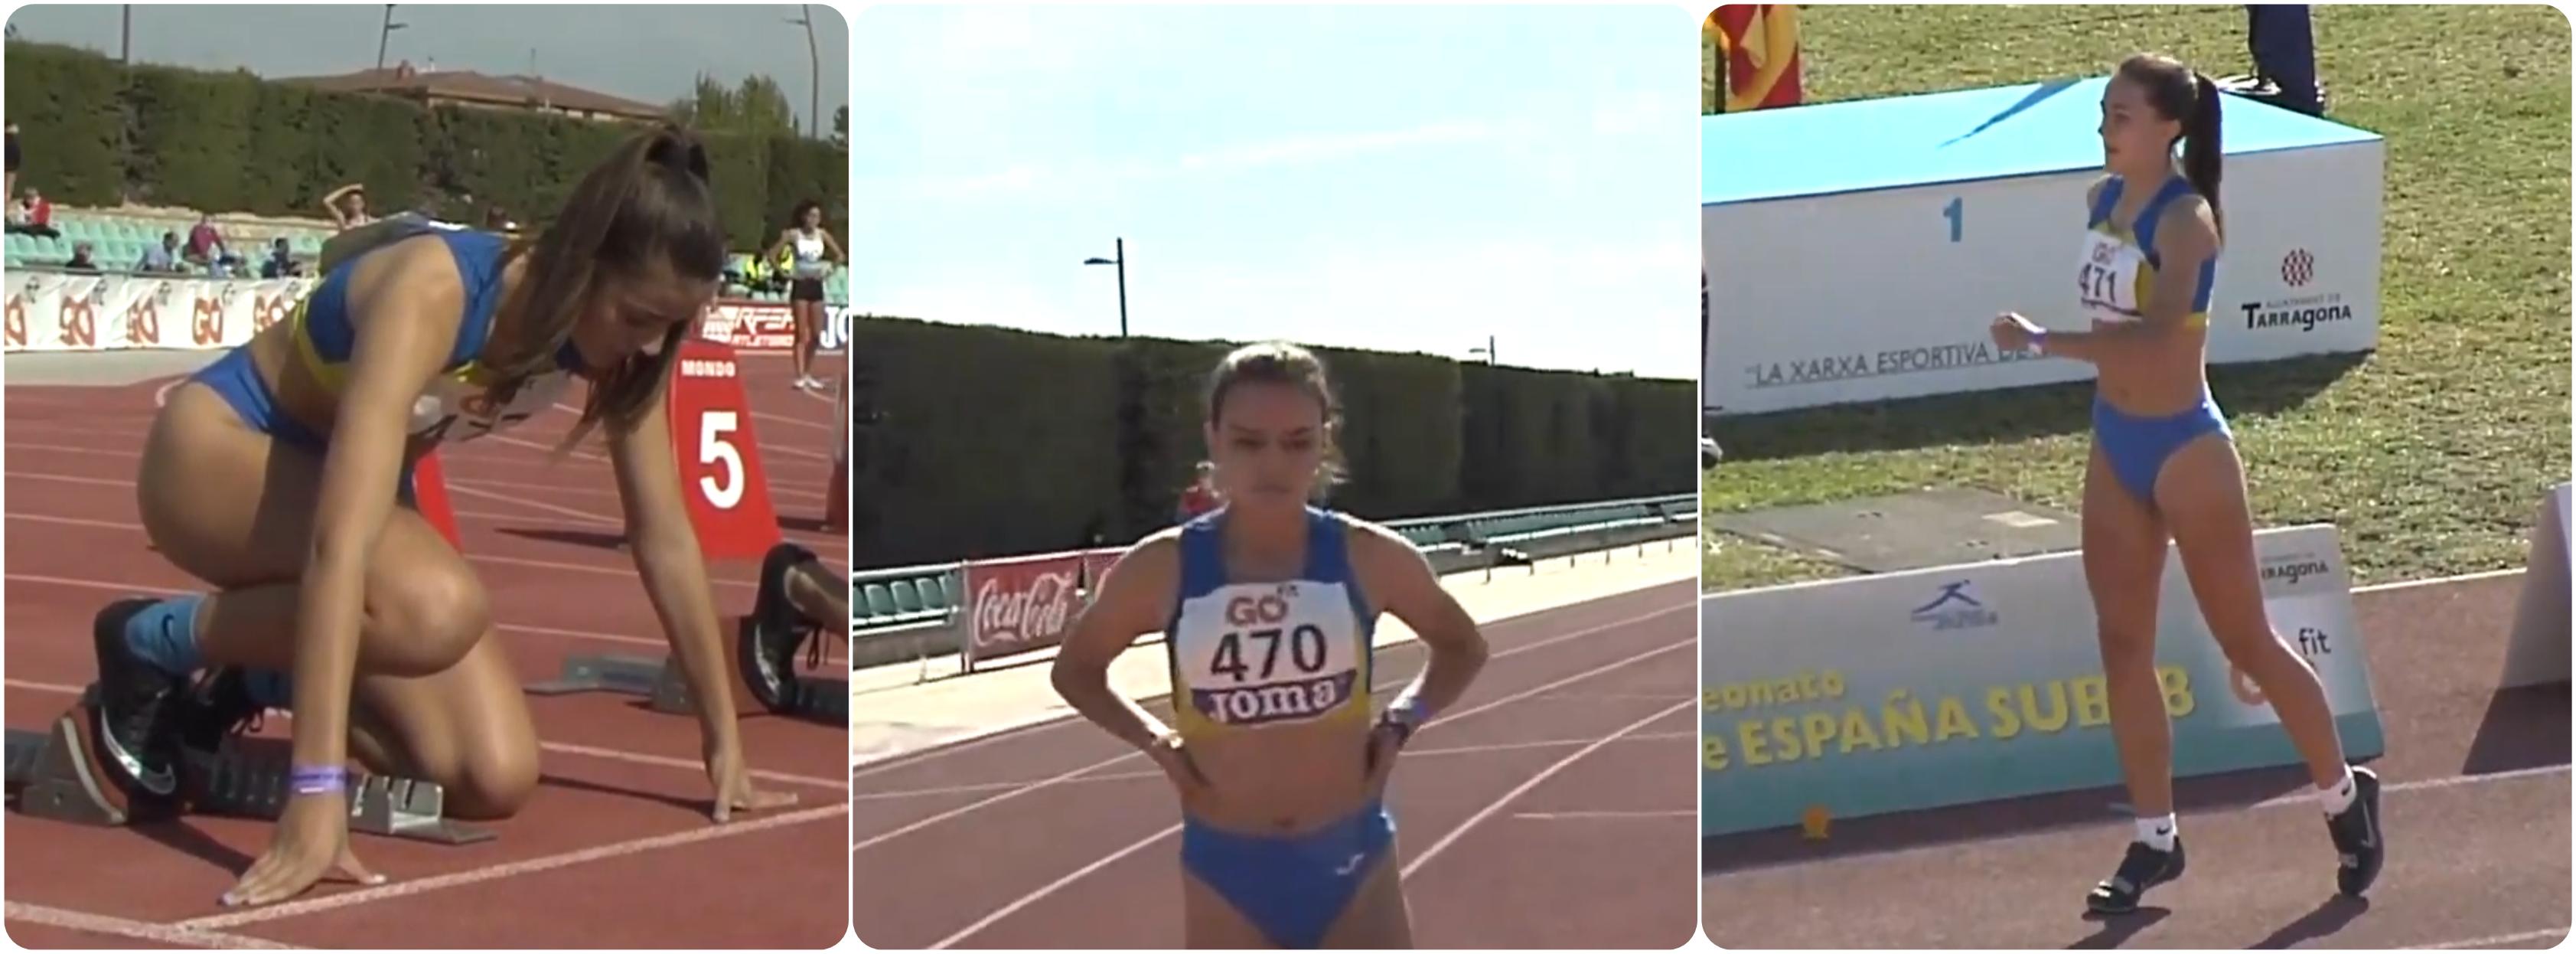 Sofía Martin y Elisa Vaquerizo entre las ocho primeras del Campeonato de España Sub-18